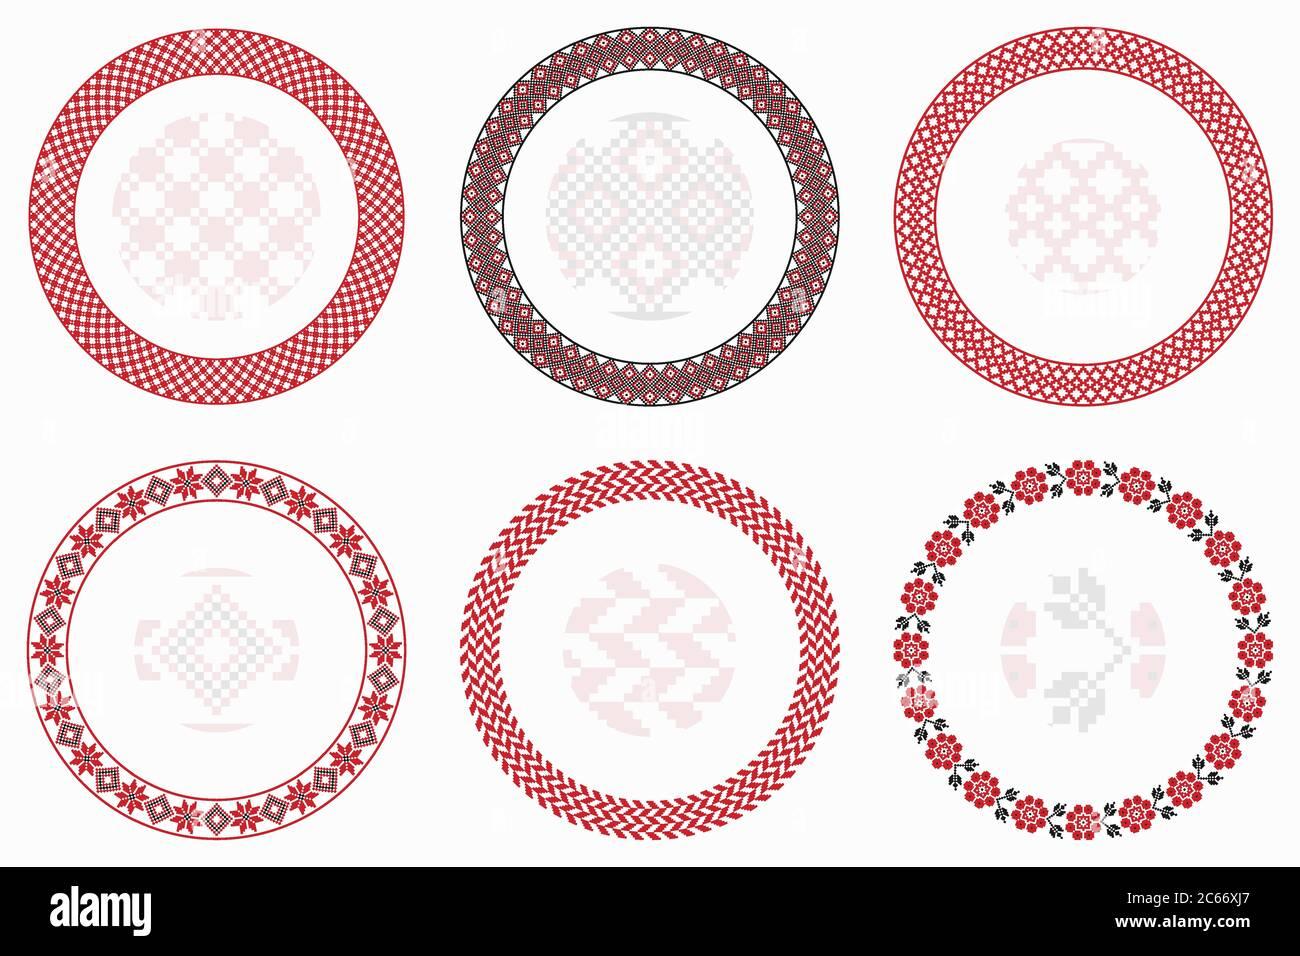 Ensemble de motifs ronds géométriques slaves. Bordures, cadres. Illustration vectorielle des éléments décoratifs ronds de broderie slave avec des formes sans couture Illustration de Vecteur